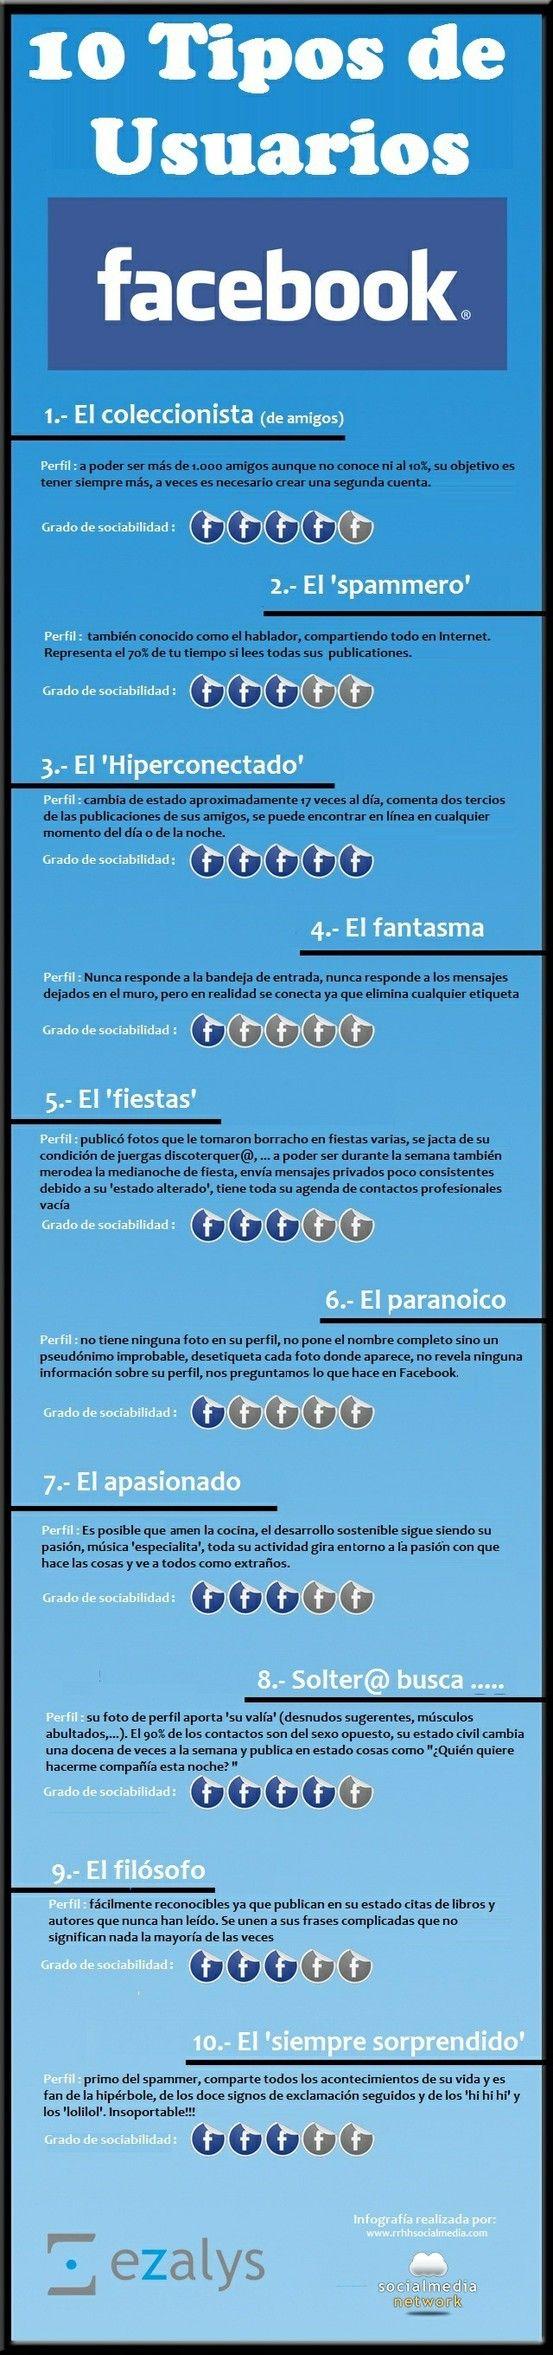 10 Tipos de usuarios de Facebook (Infografía) | everblue.es